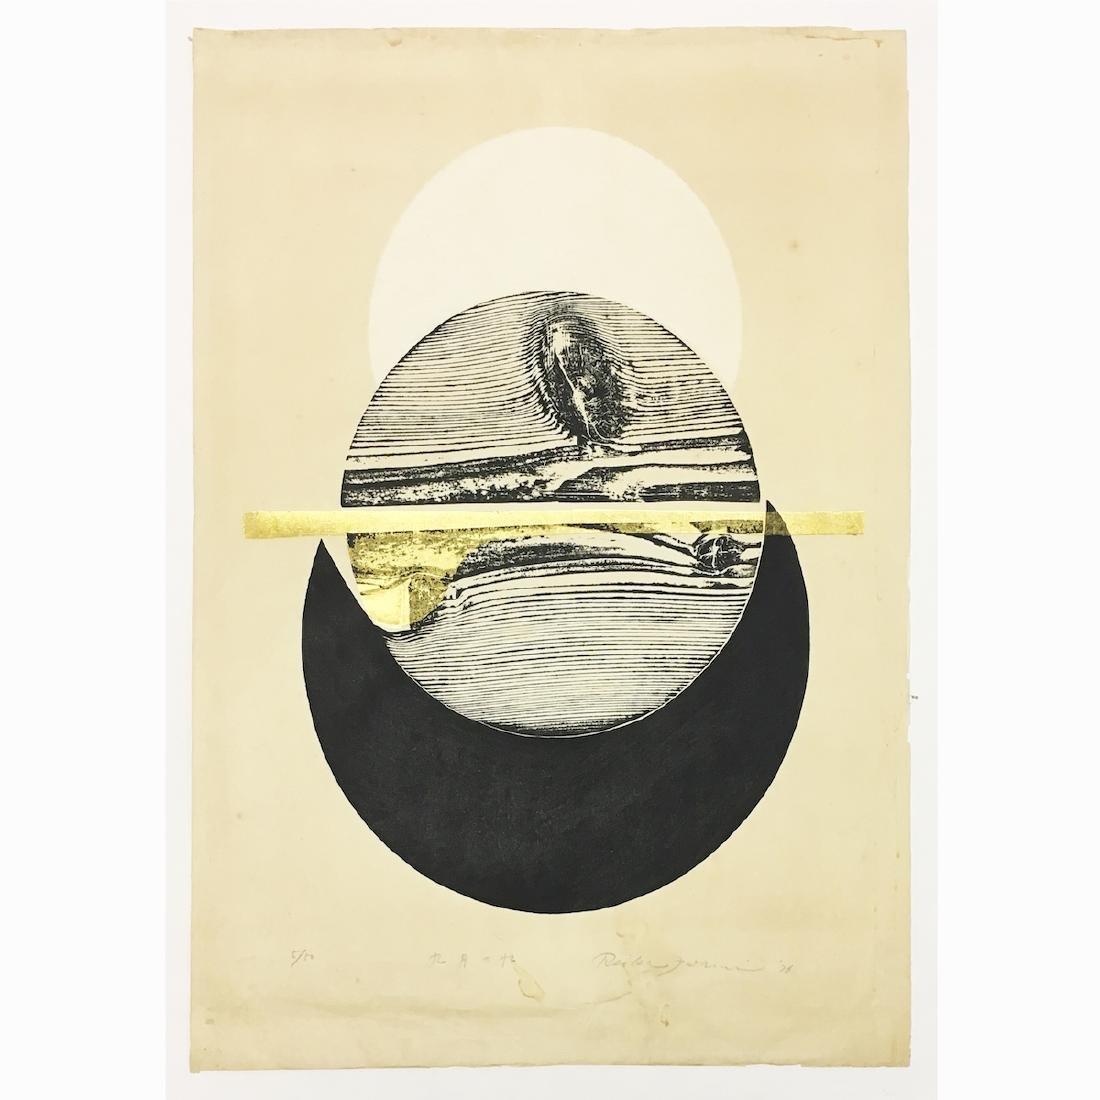 Japanese Print (Water in September) by Reika Iwam